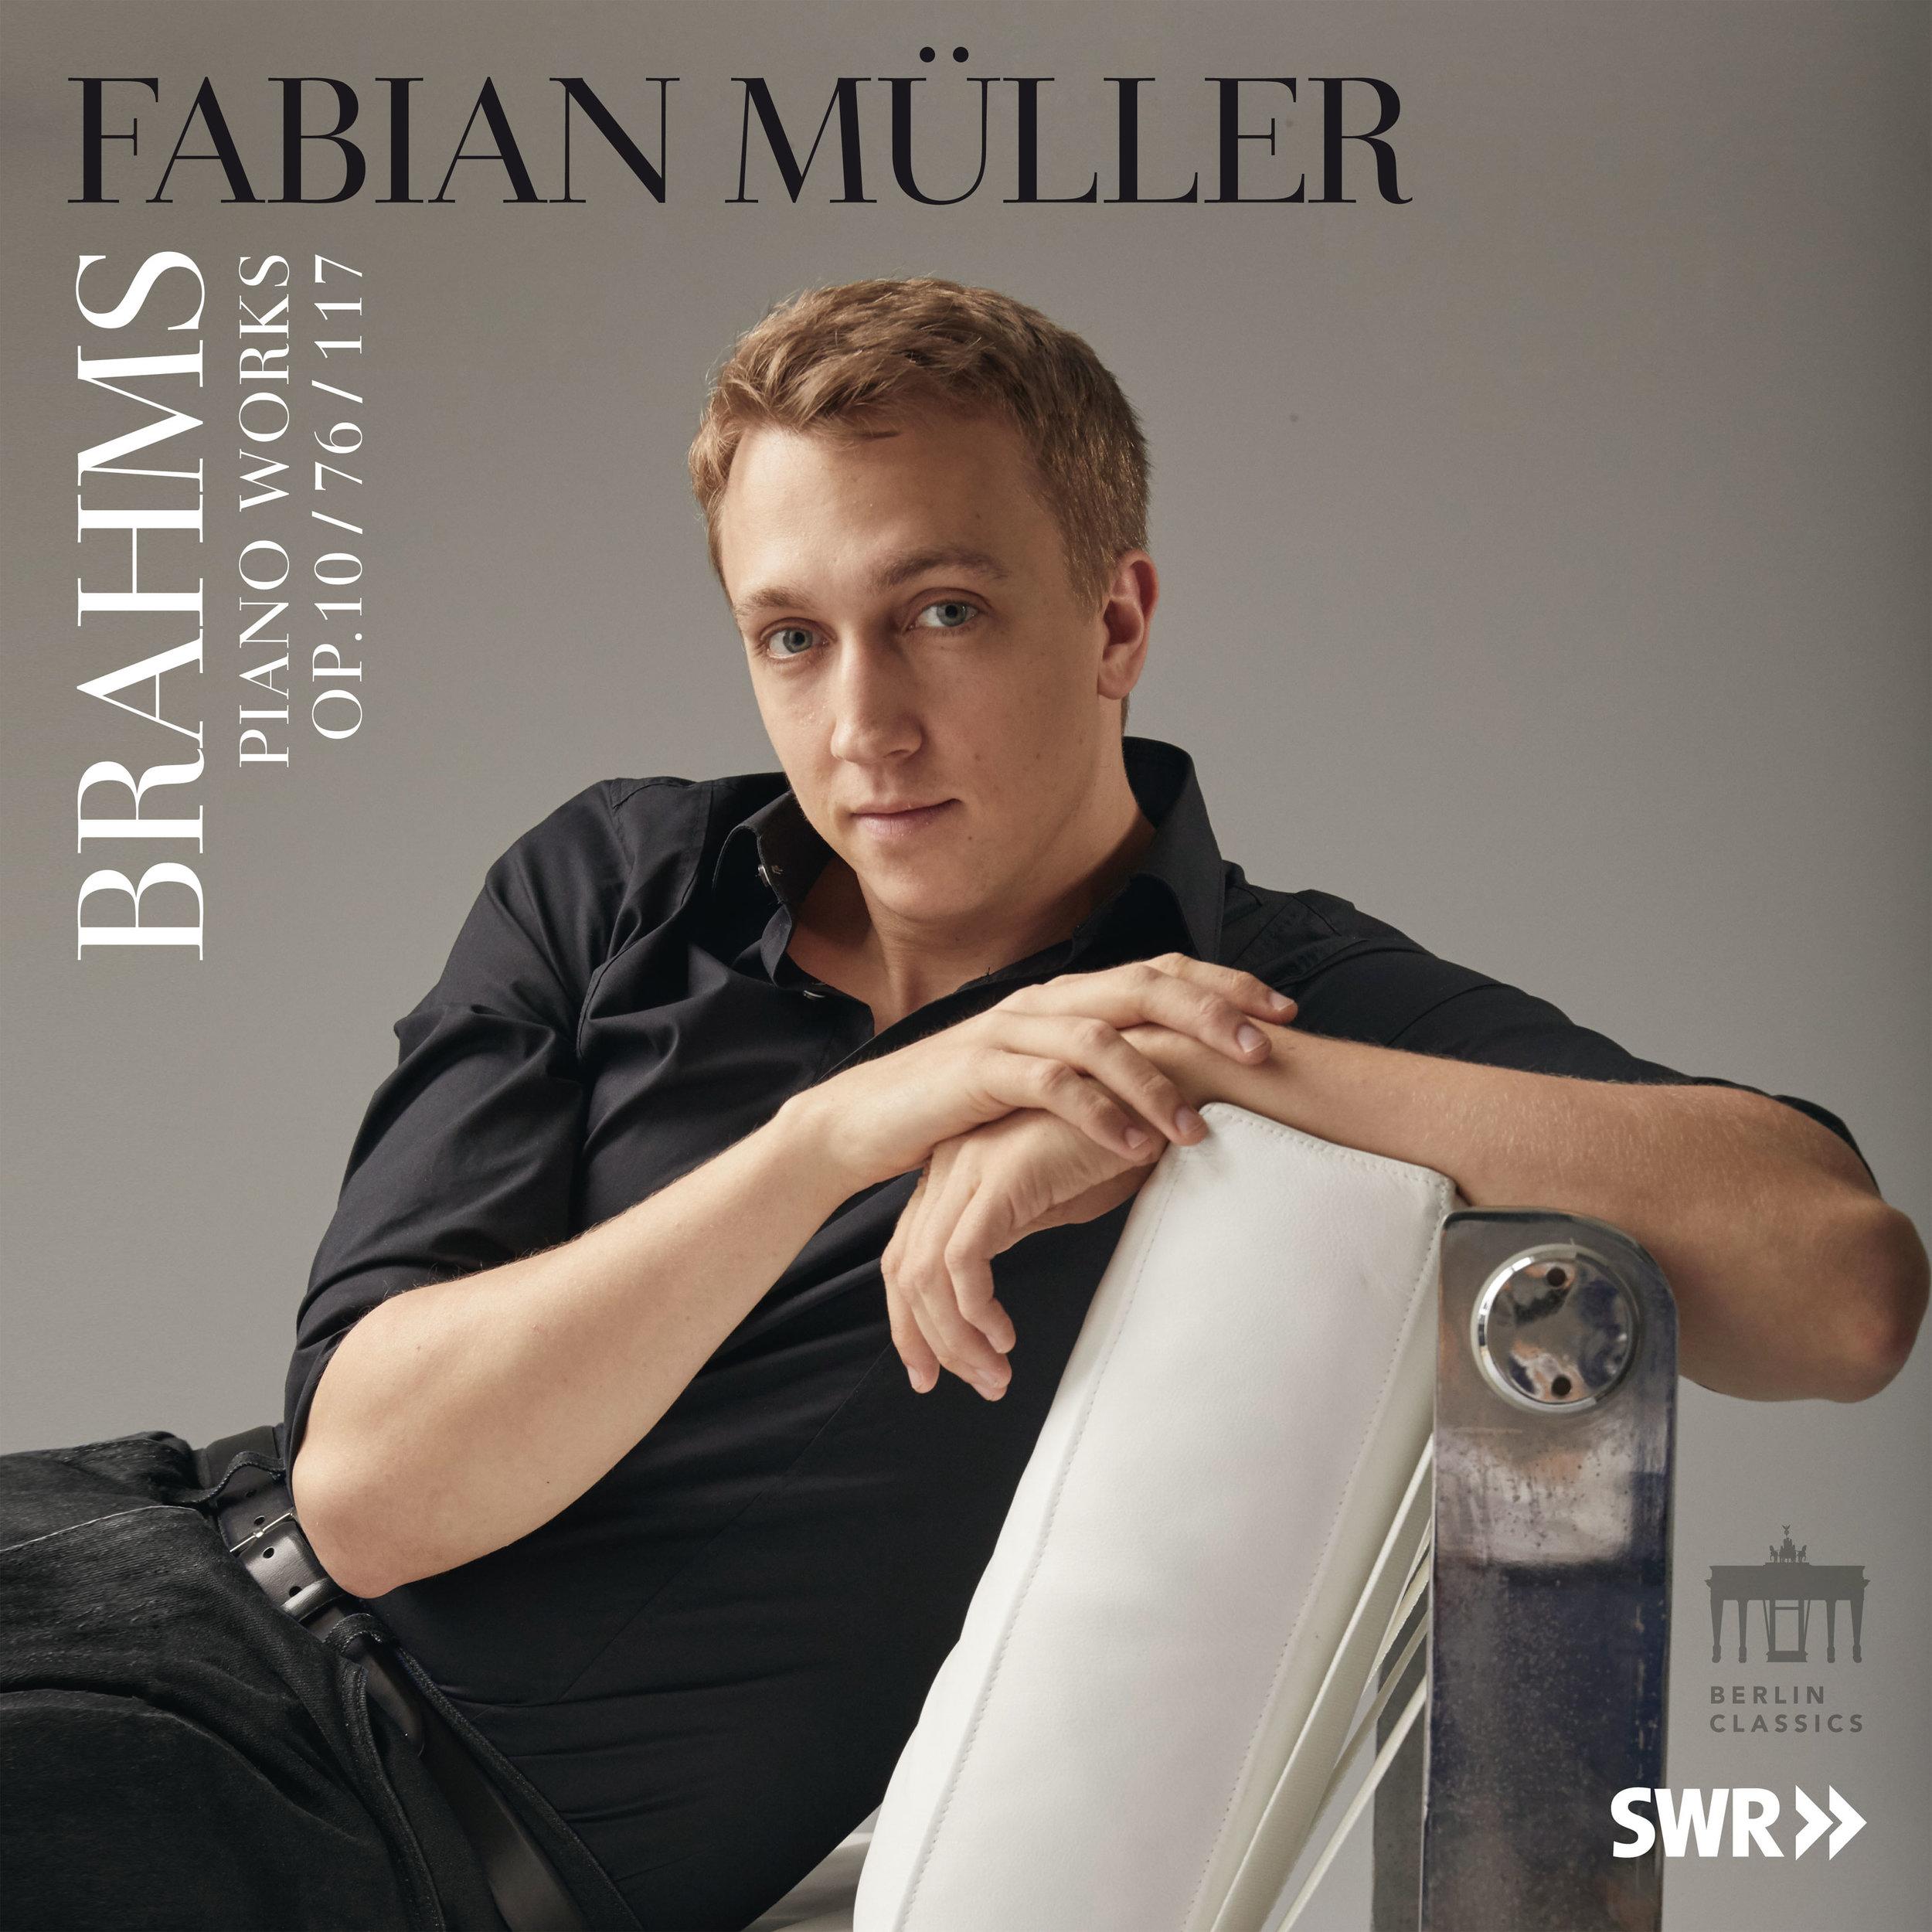 FabianMueller_Brahms_cover.jpg